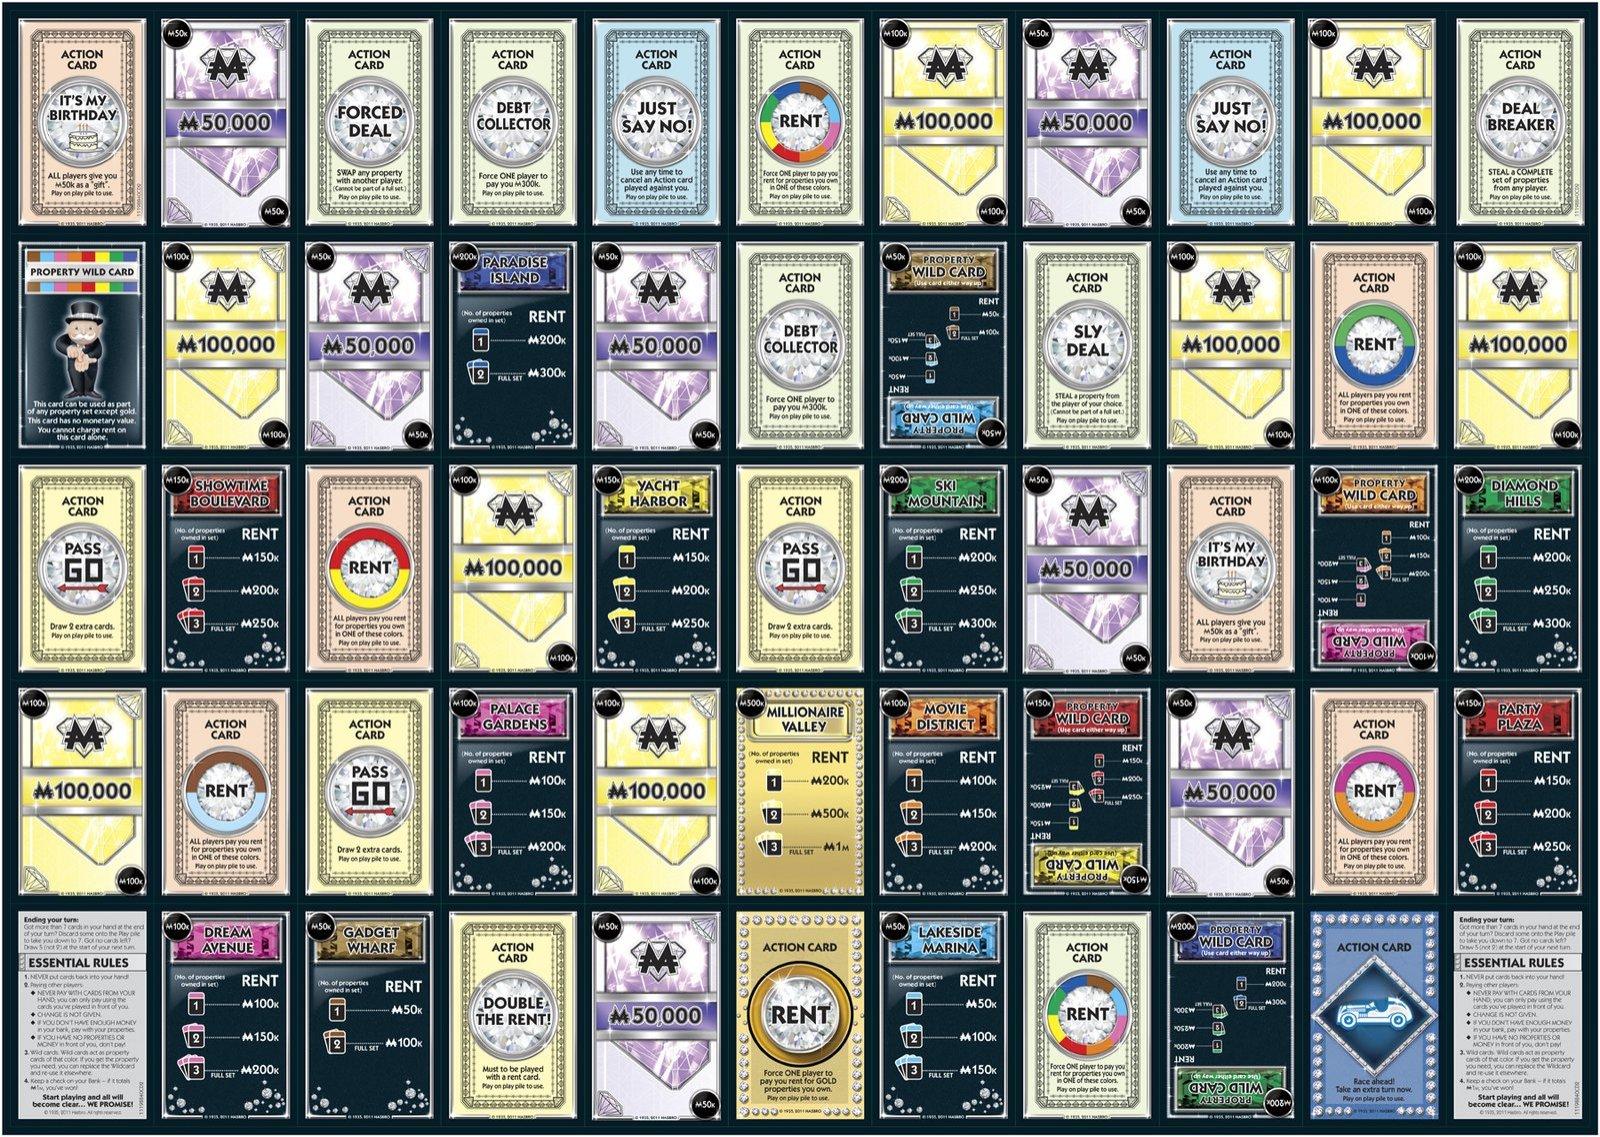 Монополия карты играть игровые автоматы азартные игры казино i играть онлайн